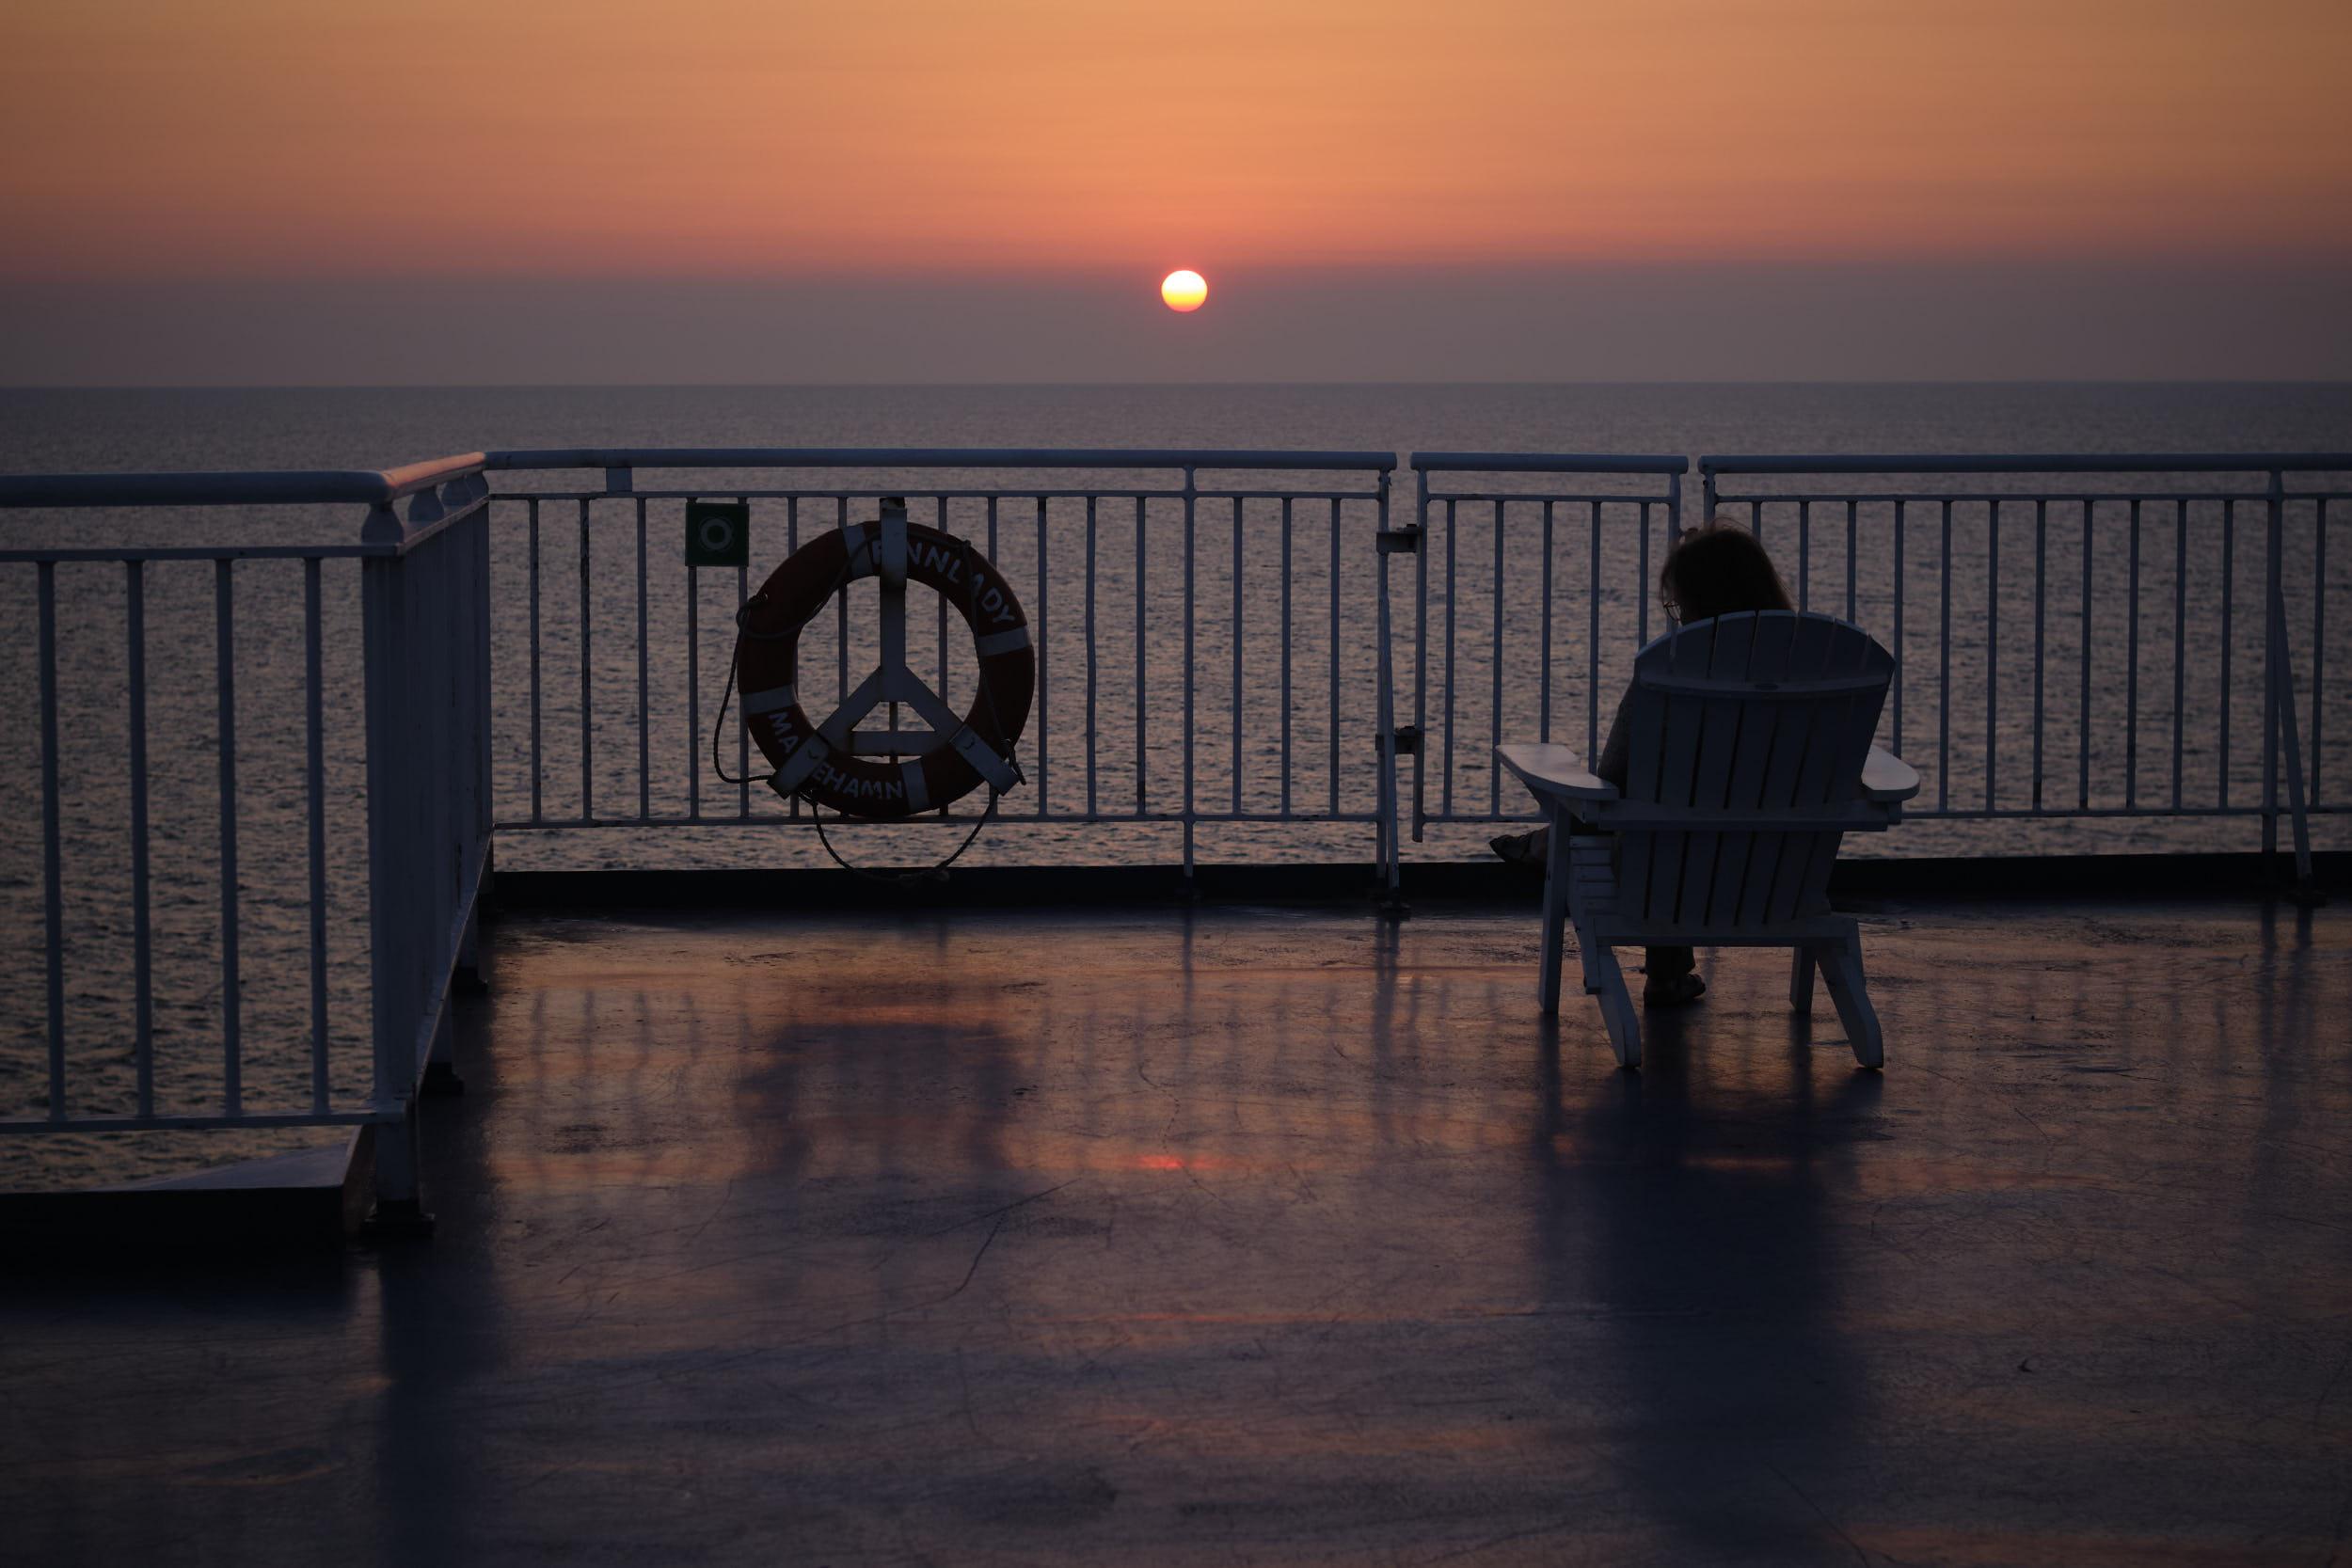 Sonnenuntergang, Finnlady